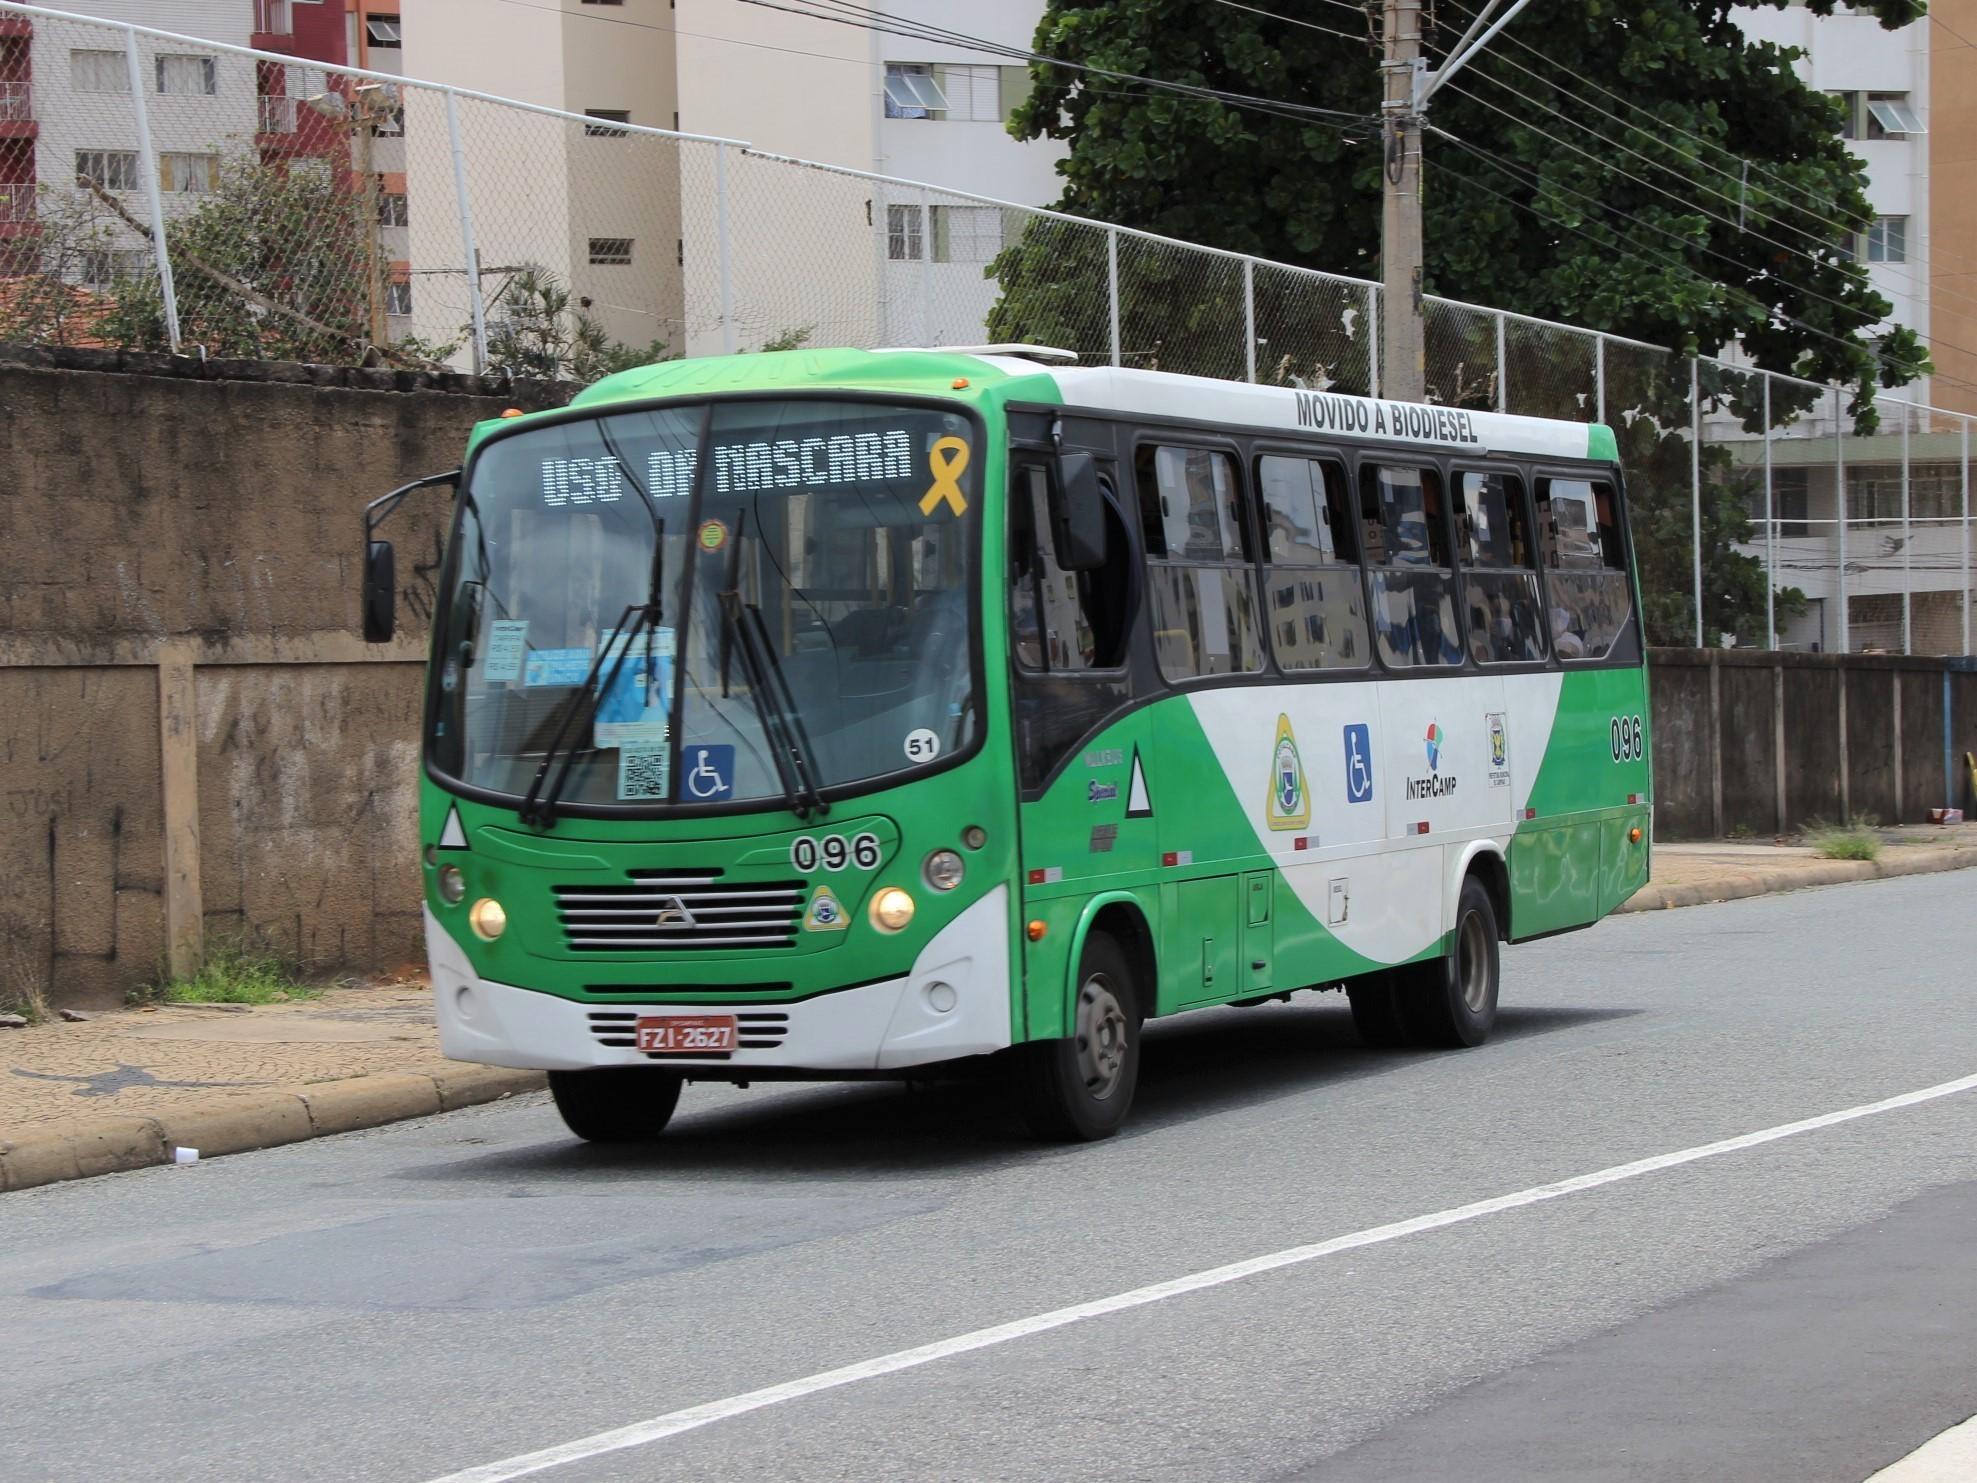 Emdec reduz transporte público à noite durante toque de recolher ampliado em Campinas